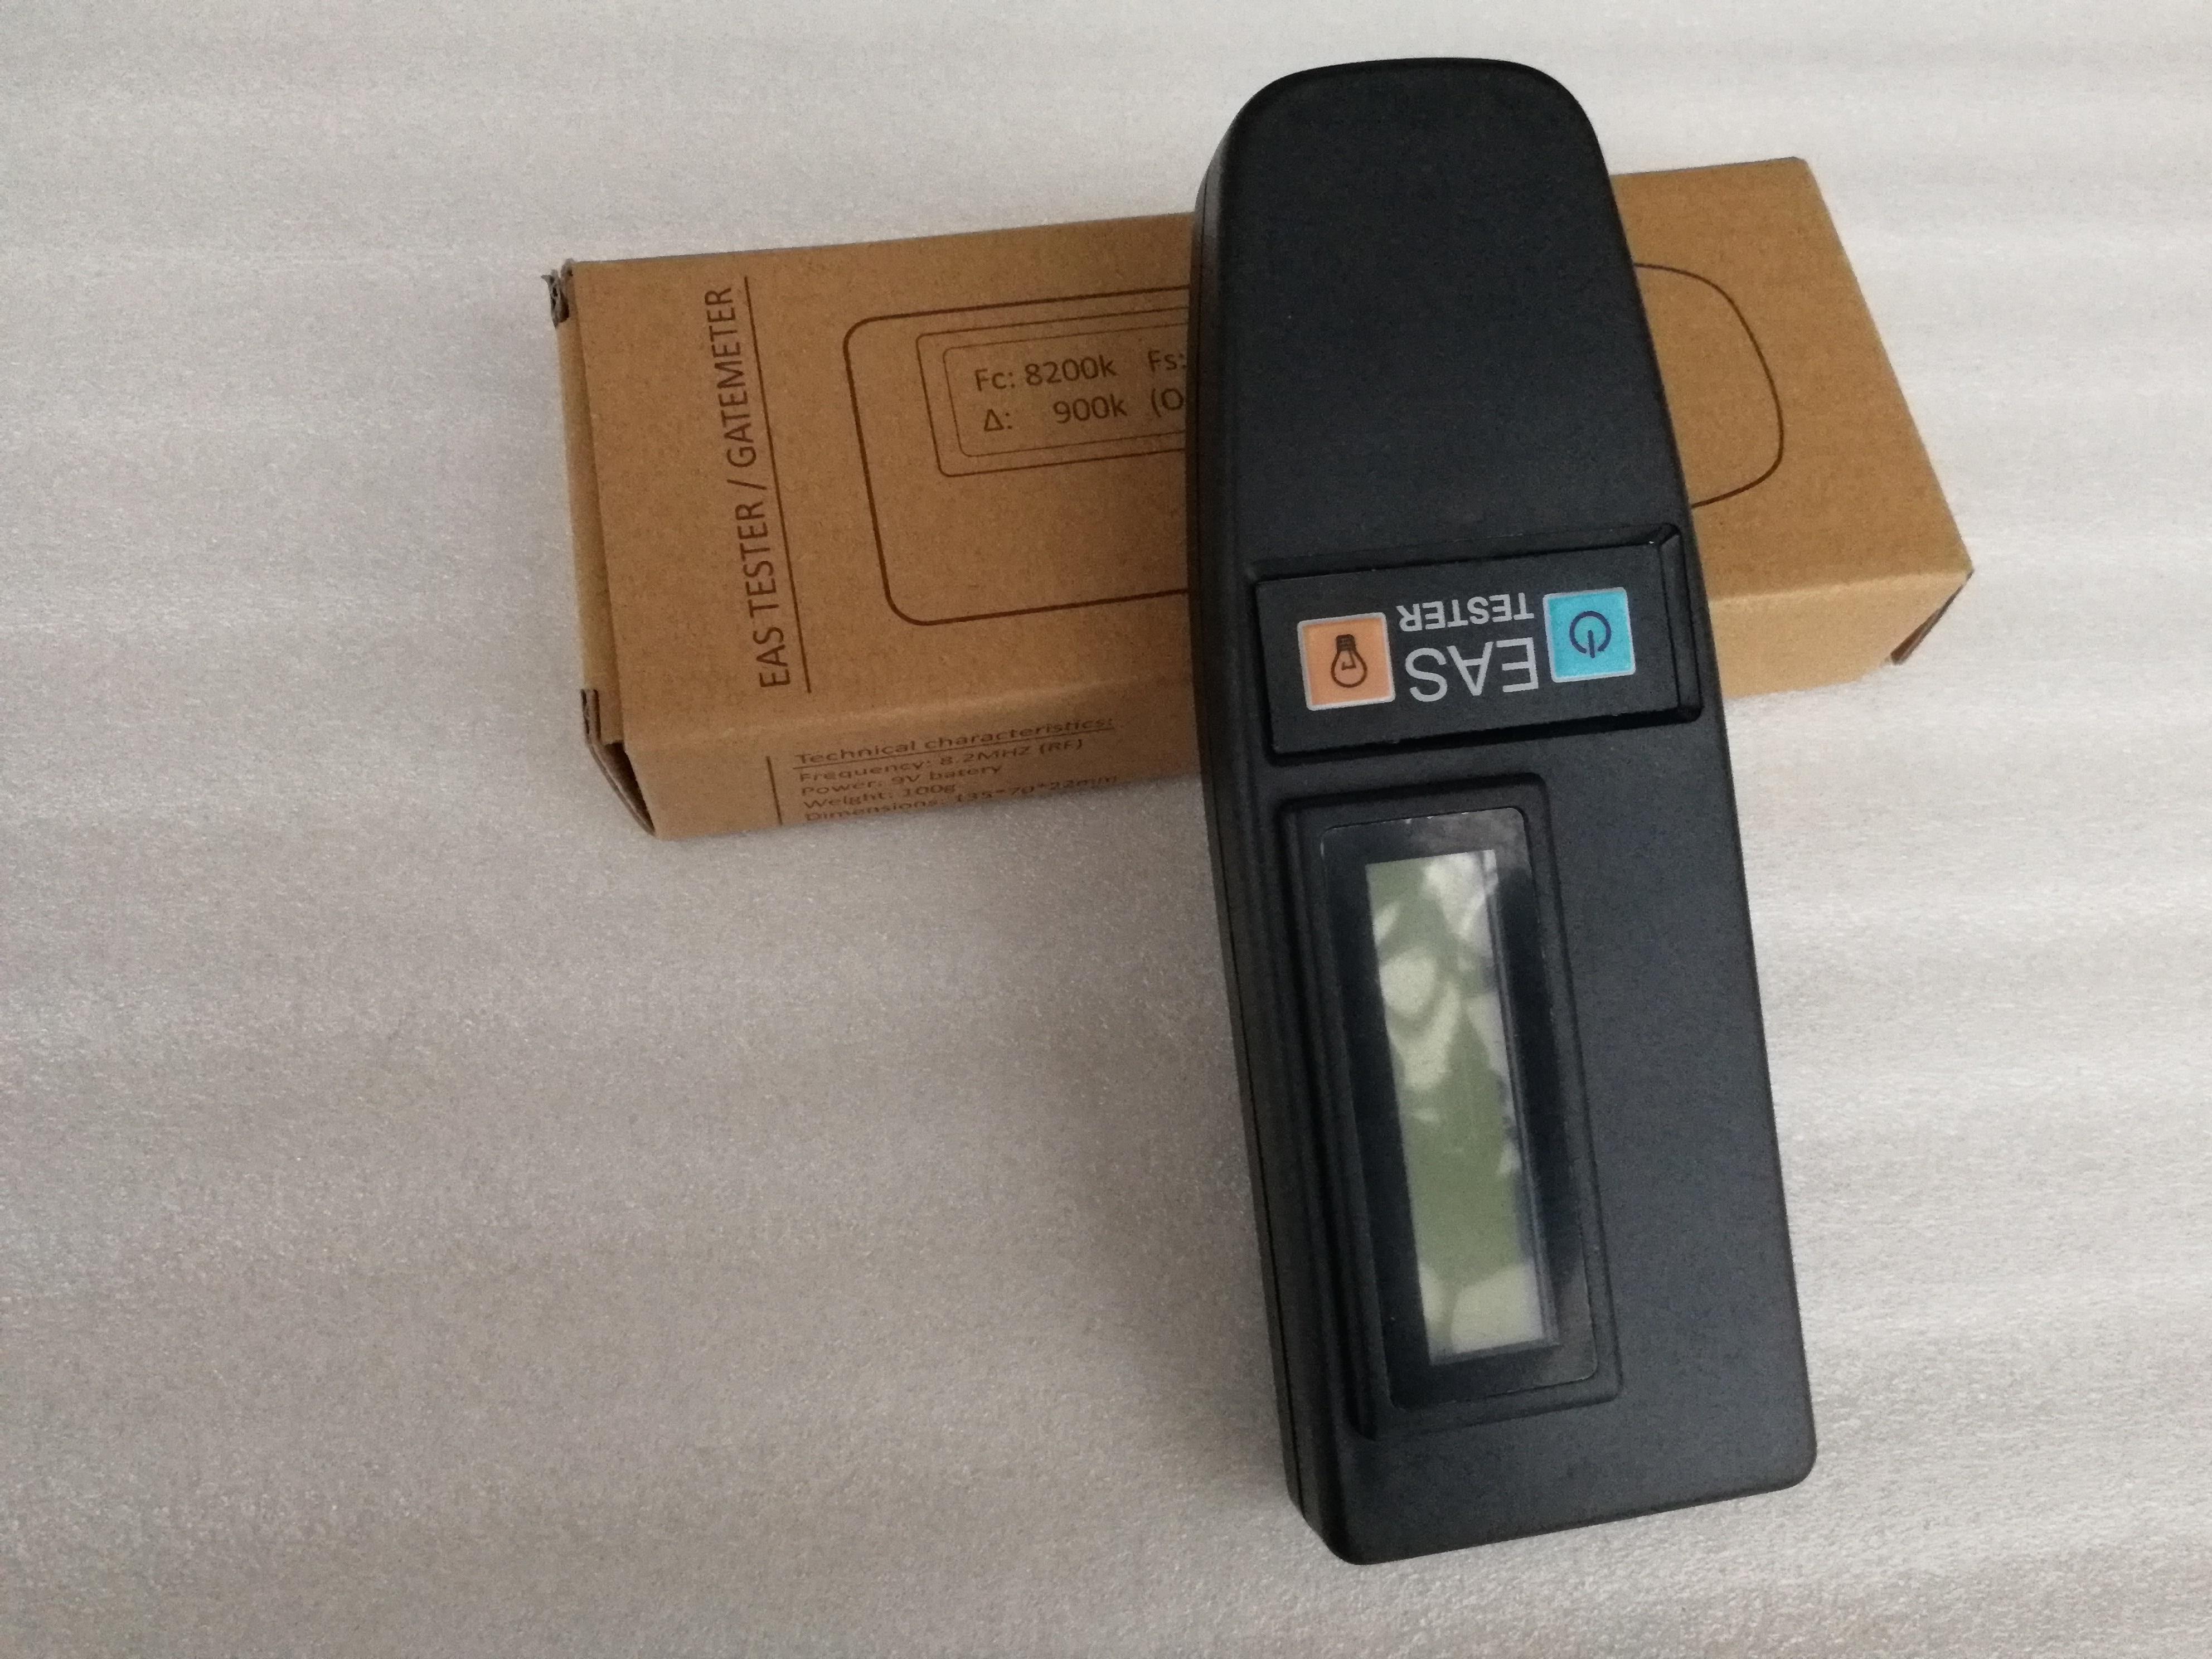 frete gratis eas testador de frequencia bom ajudante para equipamentos de reparacao de roupas eas